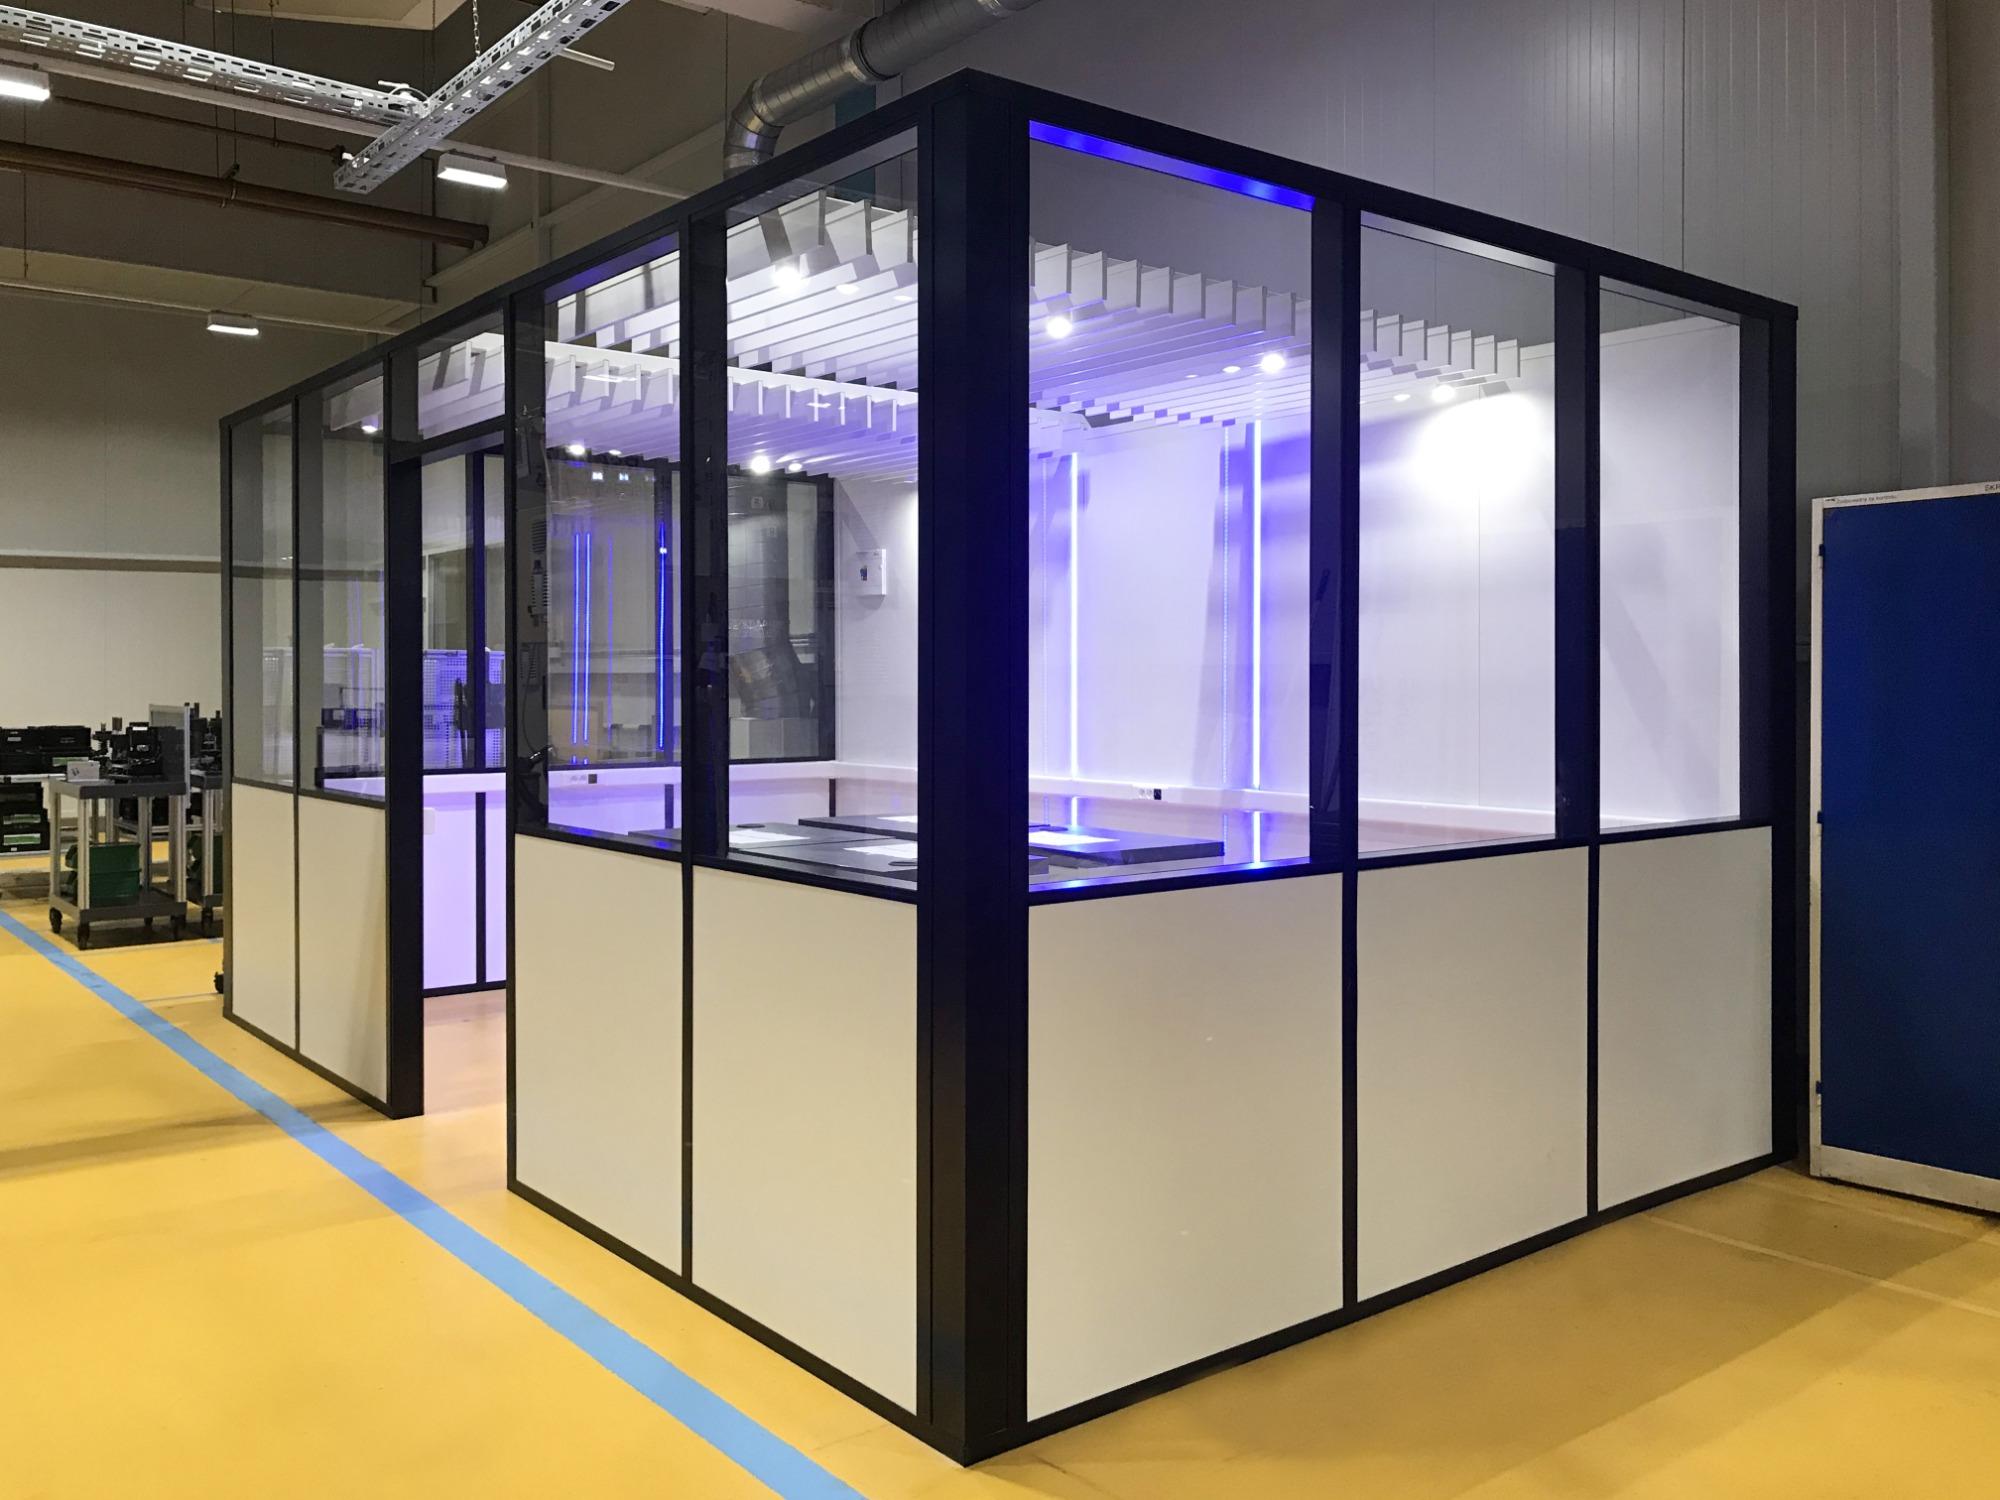 Einbauten für Produktionshalle mit Schwerpunkt auf Ästhetik